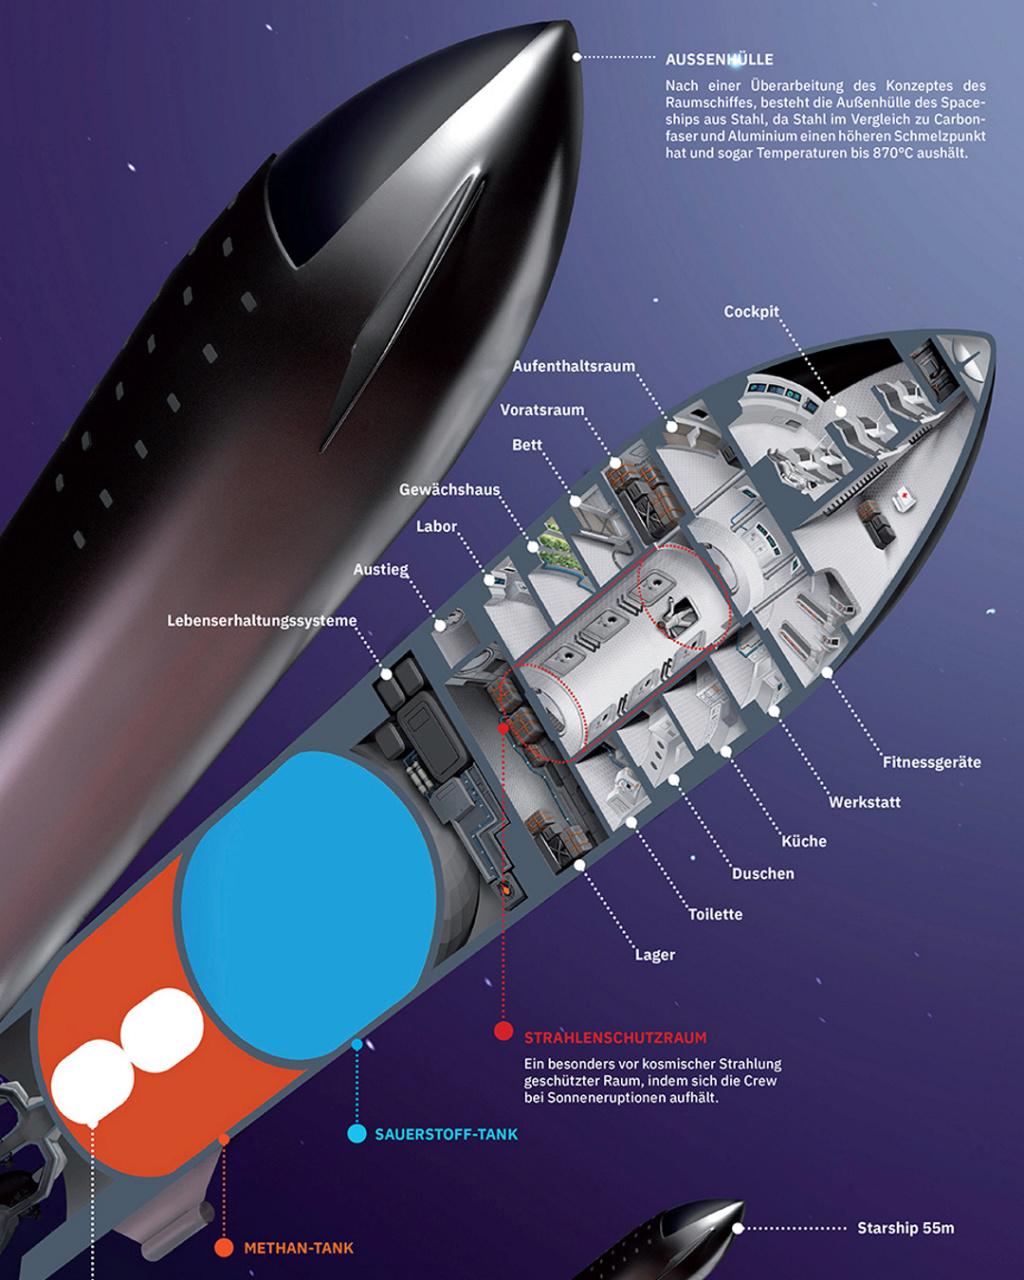 StarShip / SuperHeavy, ex BFR - Suivi du développement - Page 38 Spacex10